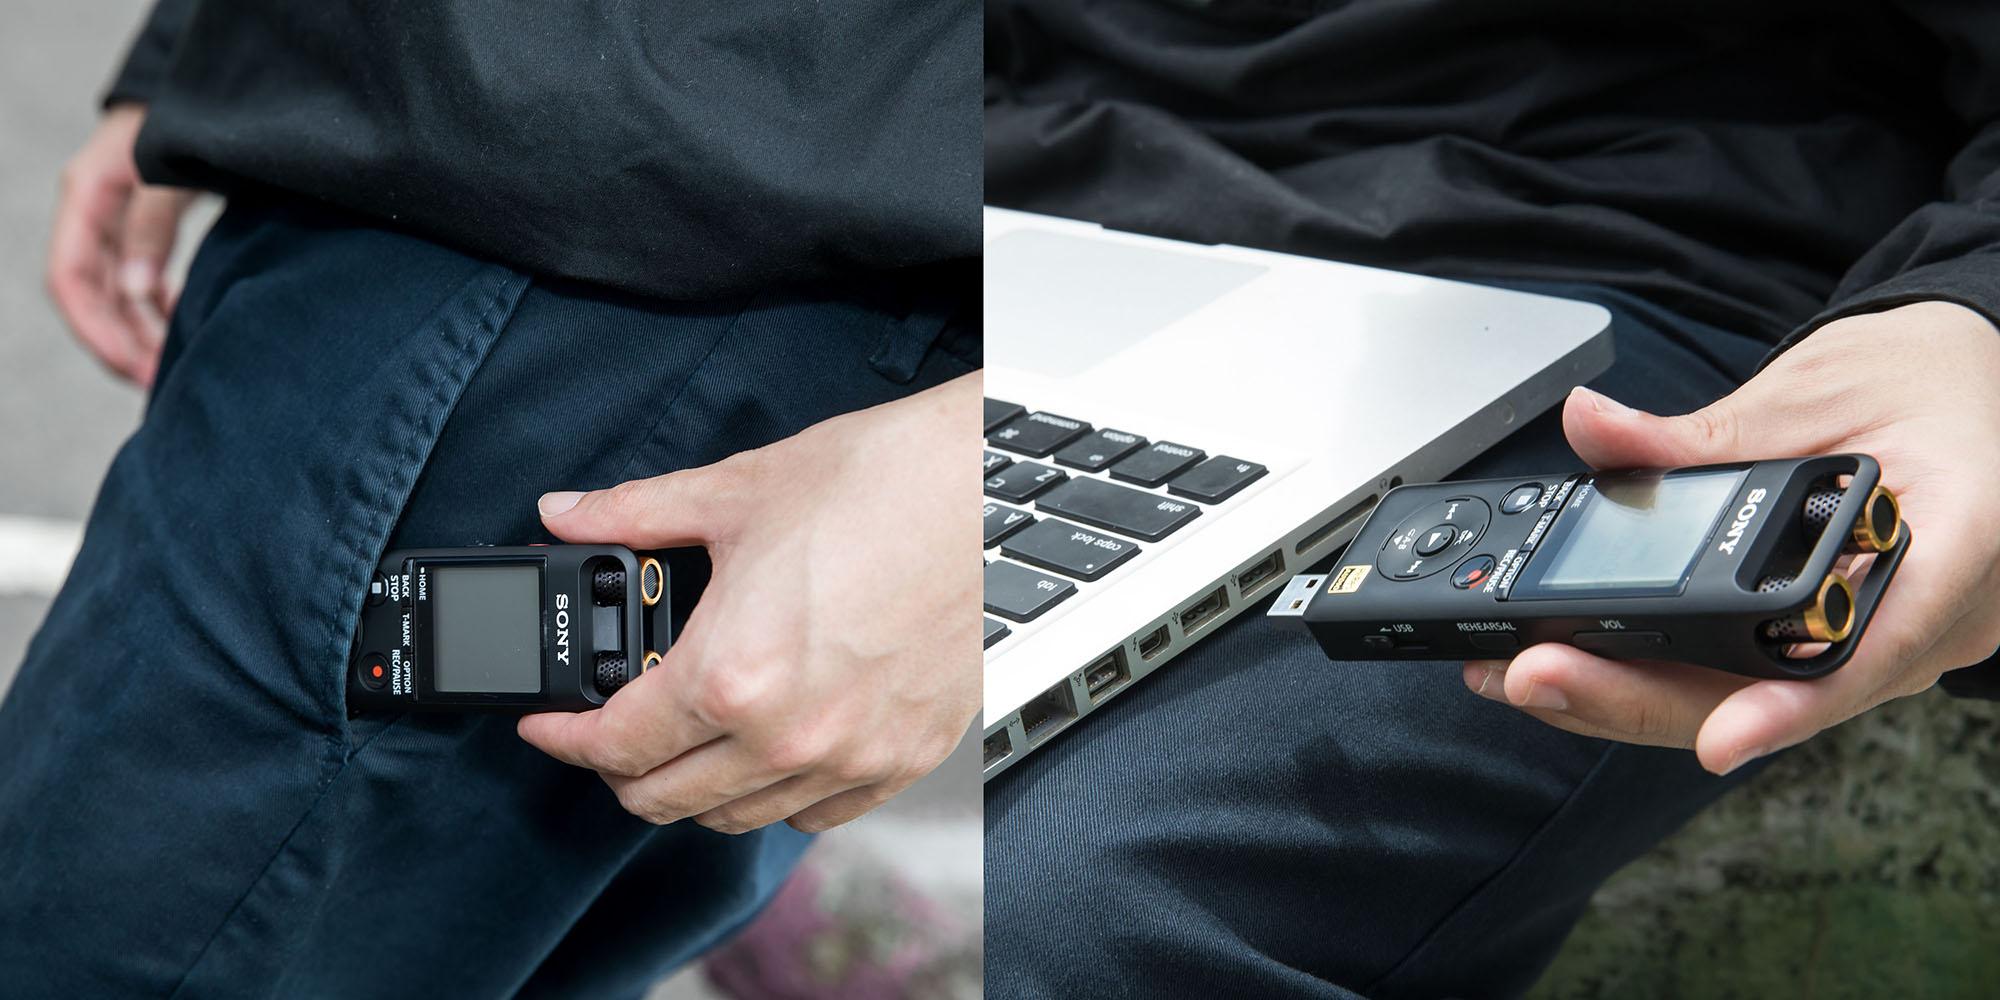 輕巧好攜帶的 PCM-A10 專�立體聲錄音�不只機動性高,還內建 USB 介面可隨插即用,讓陳小律直言取樣創作確實方便不少。